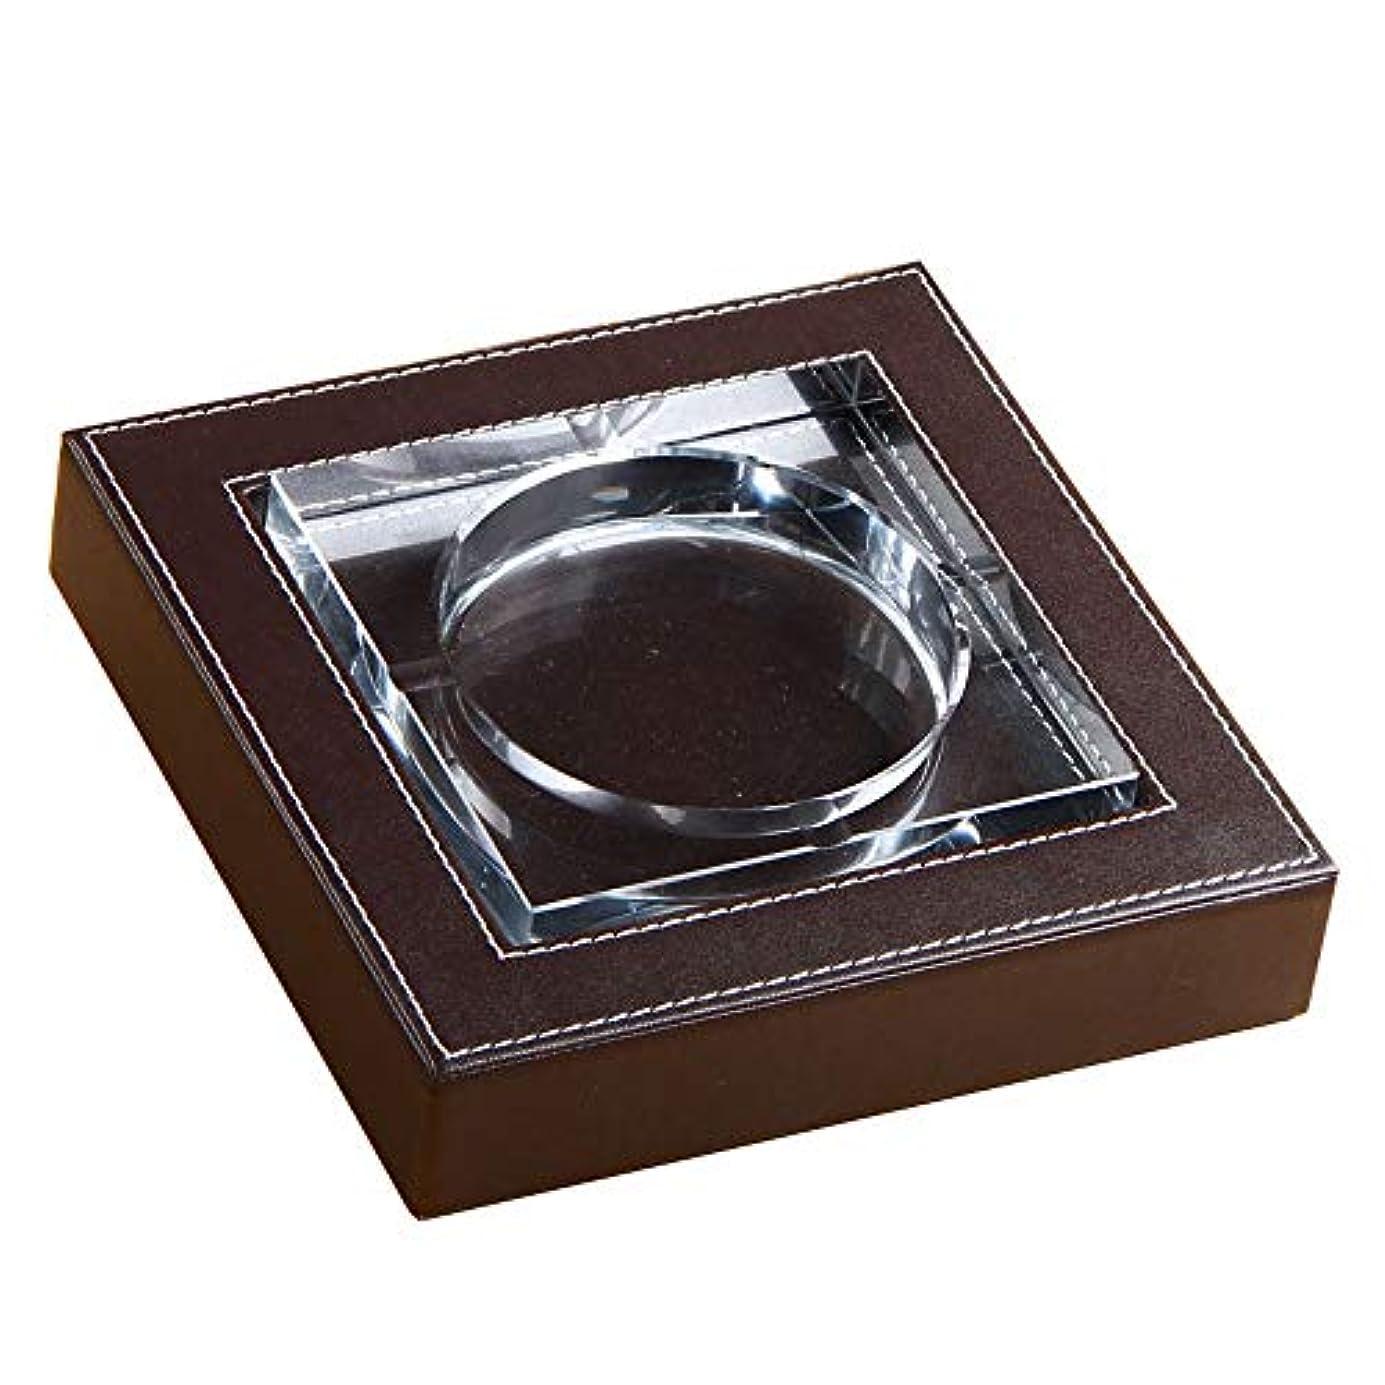 インタラクションアソシエイト排他的屋内でクリスタル屋外喫煙者のための灰皿灰皿ホルダー、ホームオフィスの装飾のためのデスクトップの喫煙灰皿 (Size : S)